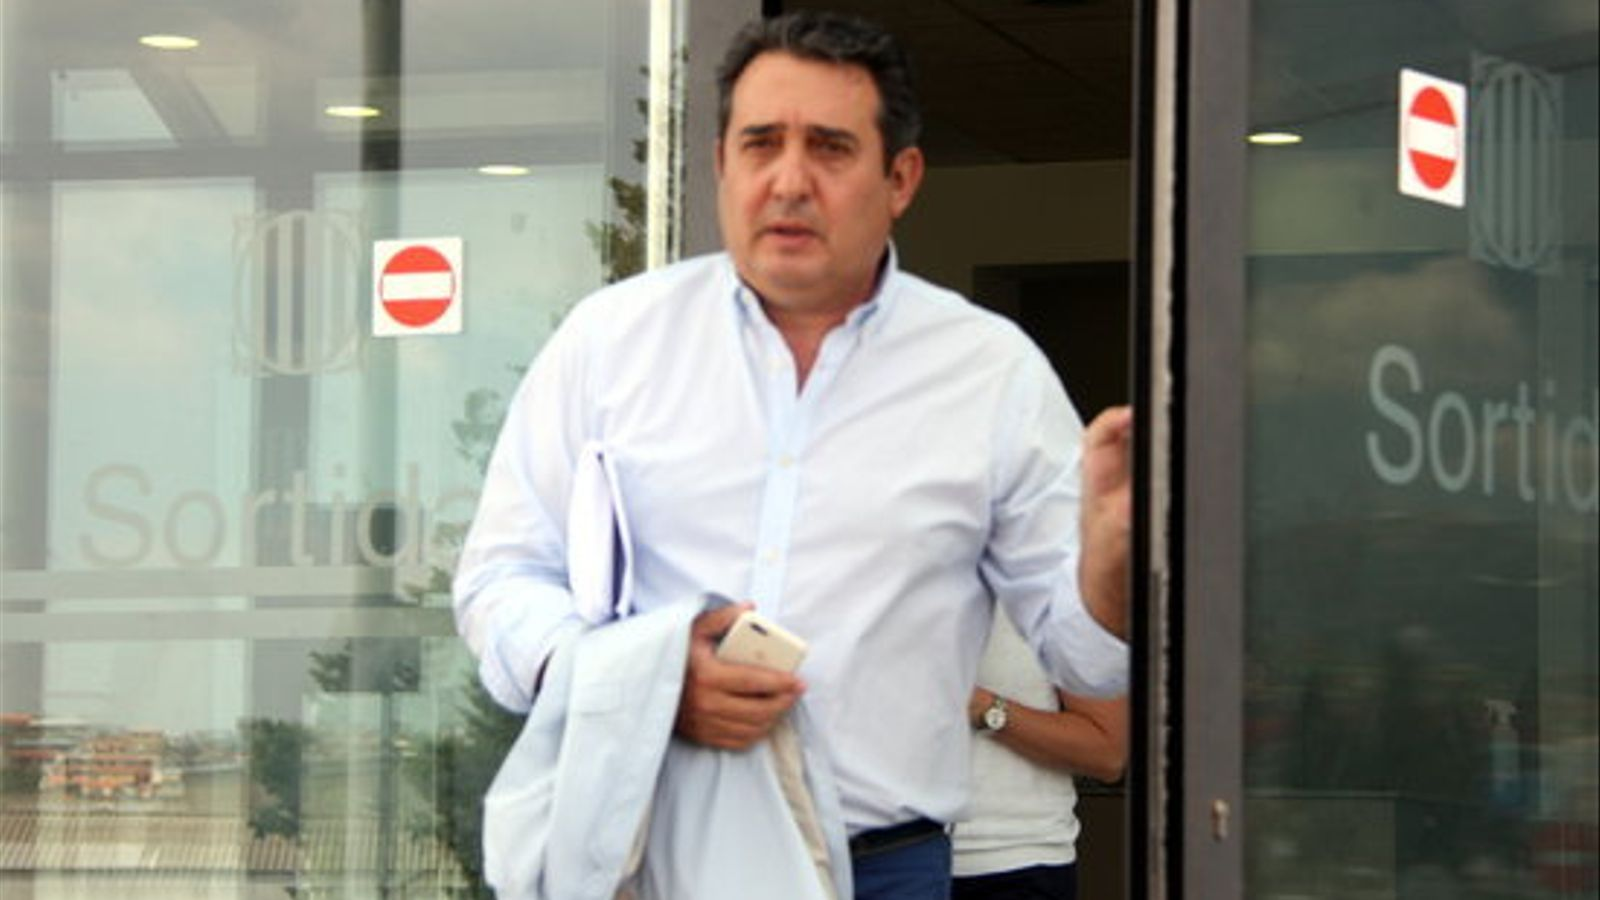 L'exalcalde de Sabadell Manuel Bustos surt dels jutjats de Terrassa després de declarar.